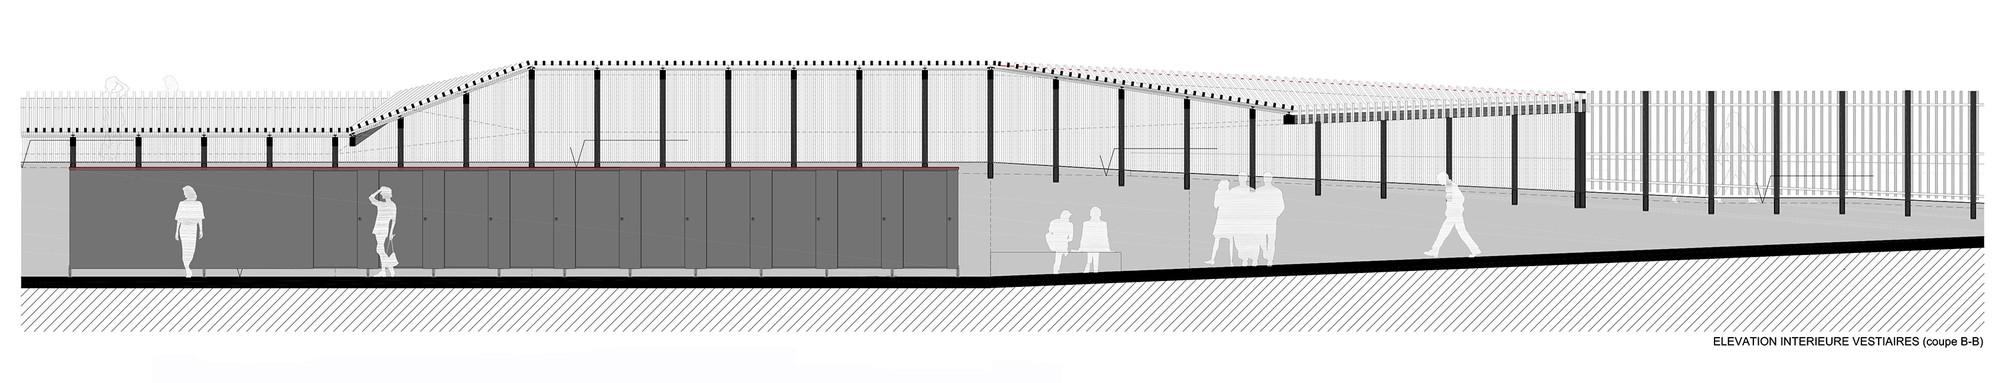 galeria de piscina th tre d 39 eau log architectes 19. Black Bedroom Furniture Sets. Home Design Ideas